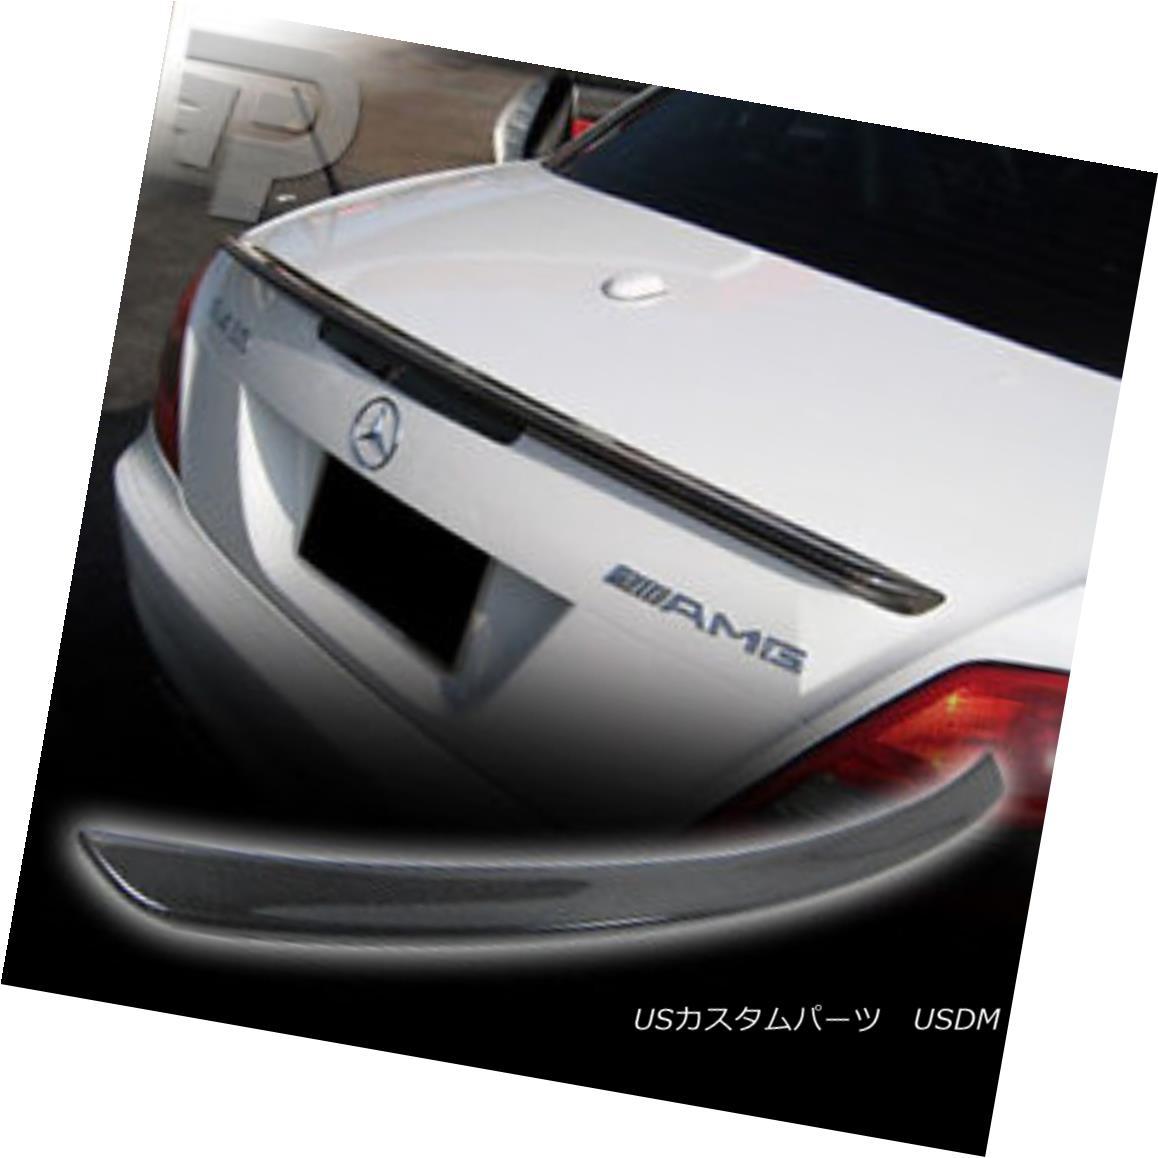 エアロパーツ CARBON FIBER Mercedes BENZ R171 A TYPE REAR WING TRUNK SPOILER BOOT 05-10 CARBON FIBERメルセデスベンツR171 Aタイプリアウィングトランクスポイラーブーツ05-10